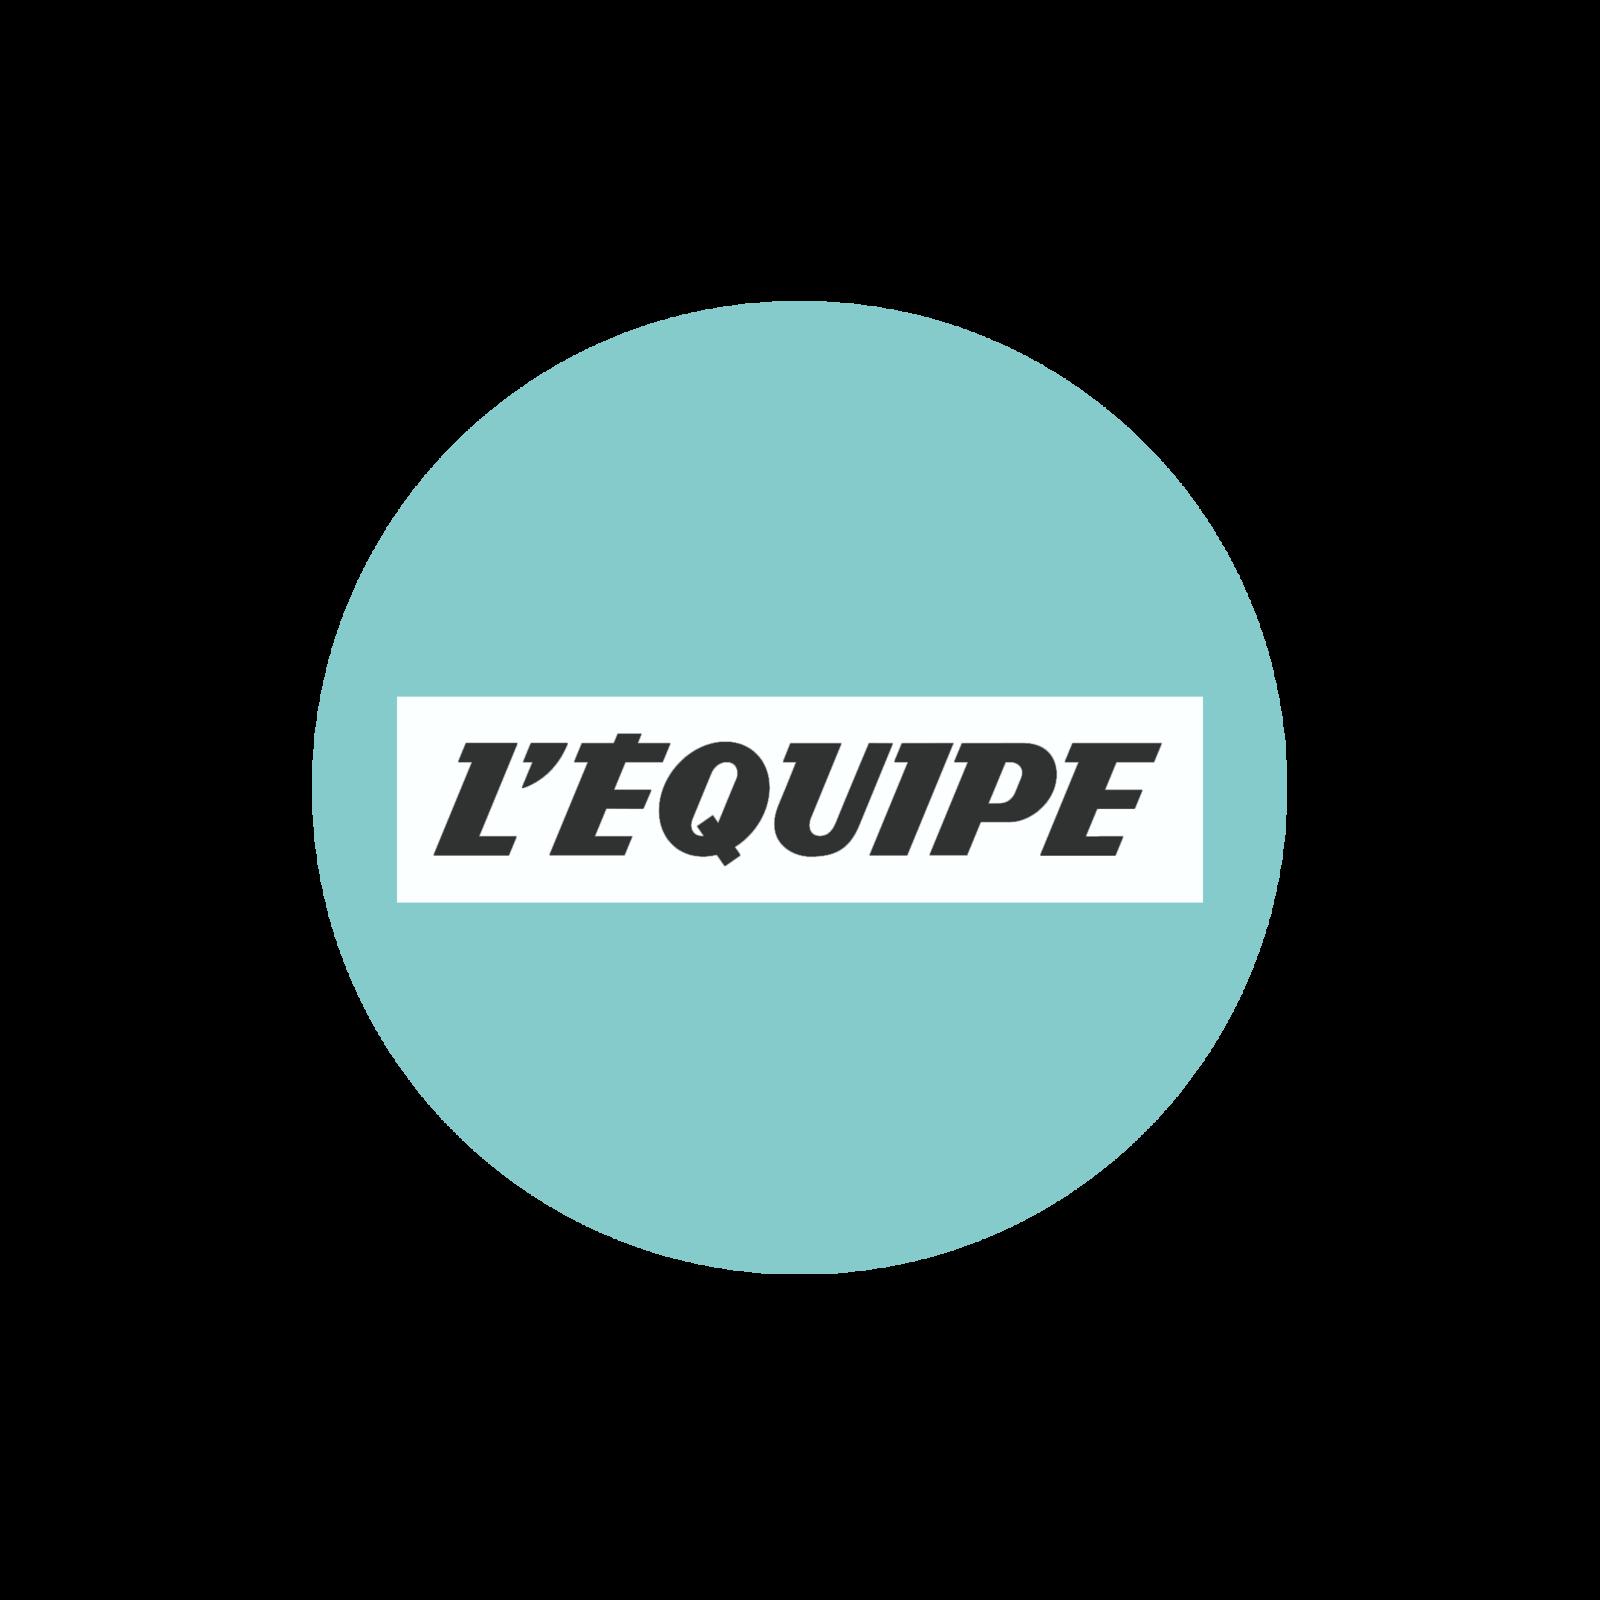 Le quotidien L'Équipe adapte son prix et lance une nouvelle offre numérique à 0.99 euro par mois.